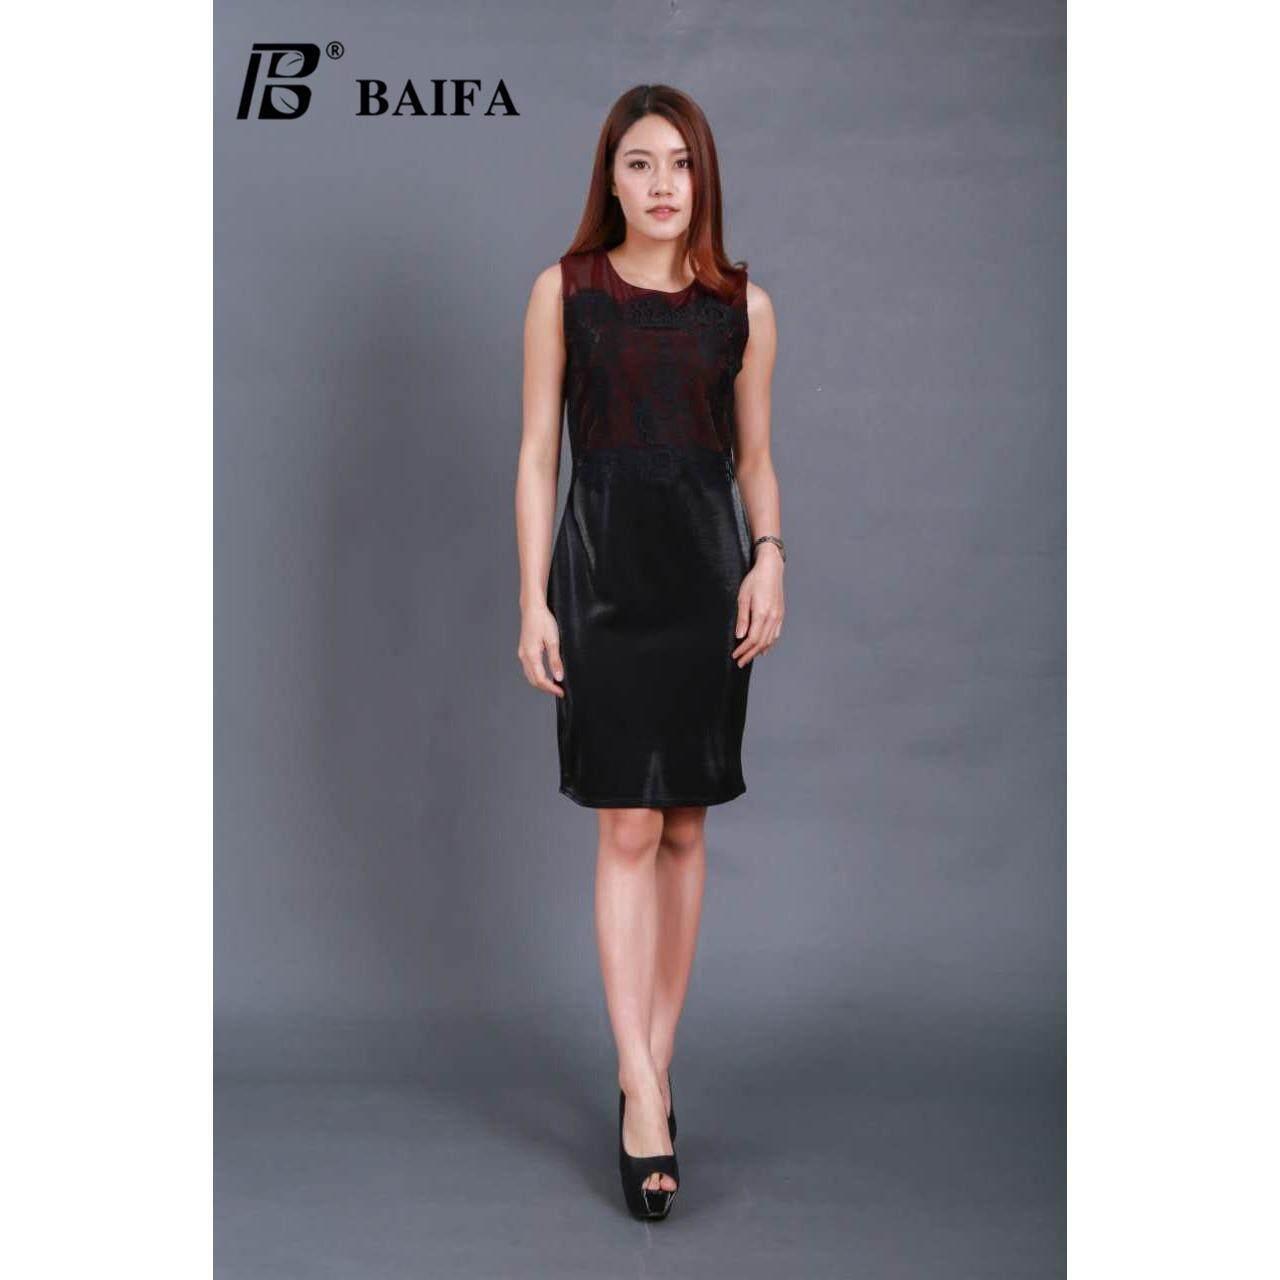 ราคา Baifa Shopชุดเดรส สีดำ แต่งผ้าทับกัน แข่งสั้นผ้าลูกไม้ผ่าข้างแต่งโบว์ 8200 Size อก 36 ยาว 37 ที่สุด